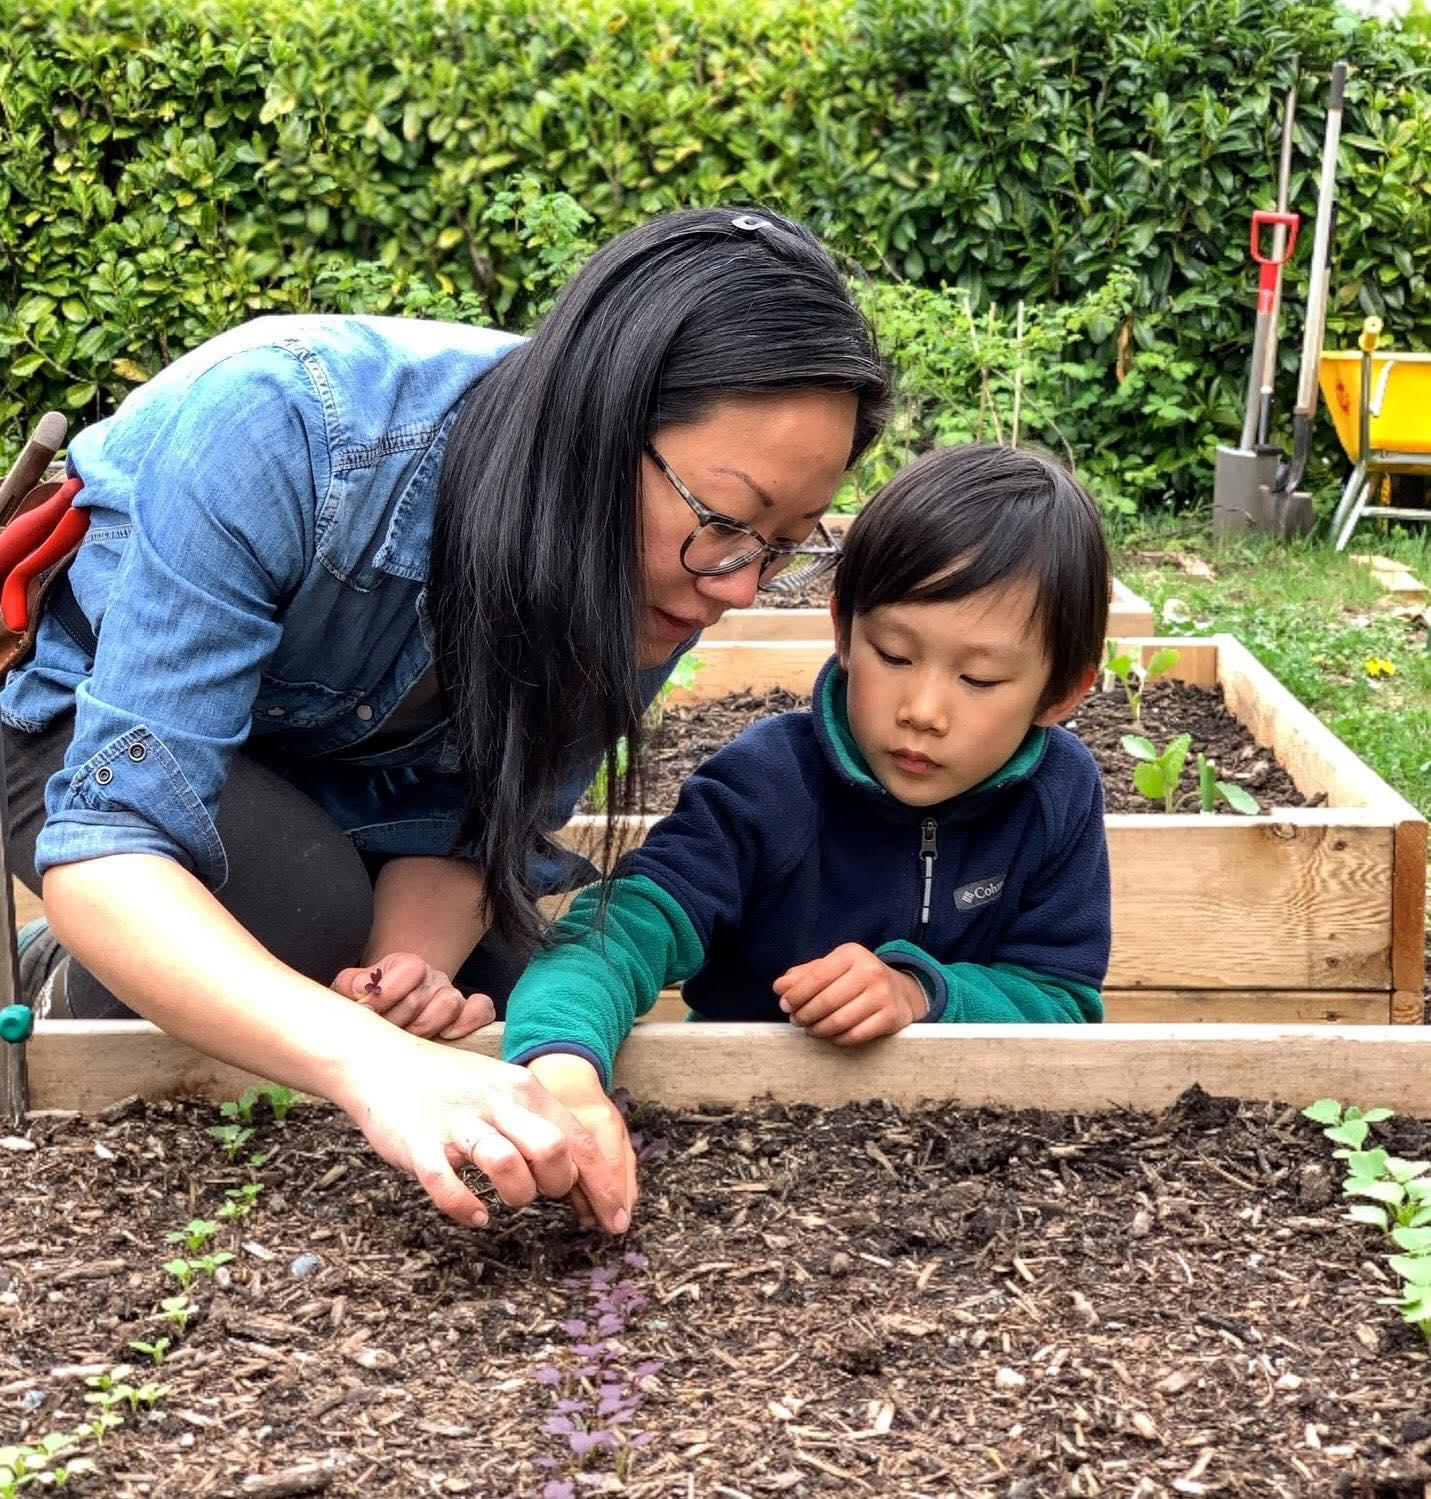 Người mẹ trẻ học cách trồng thực phẩm sạch tại nhà từ khi có dịch Covid 19 - Ảnh 3.